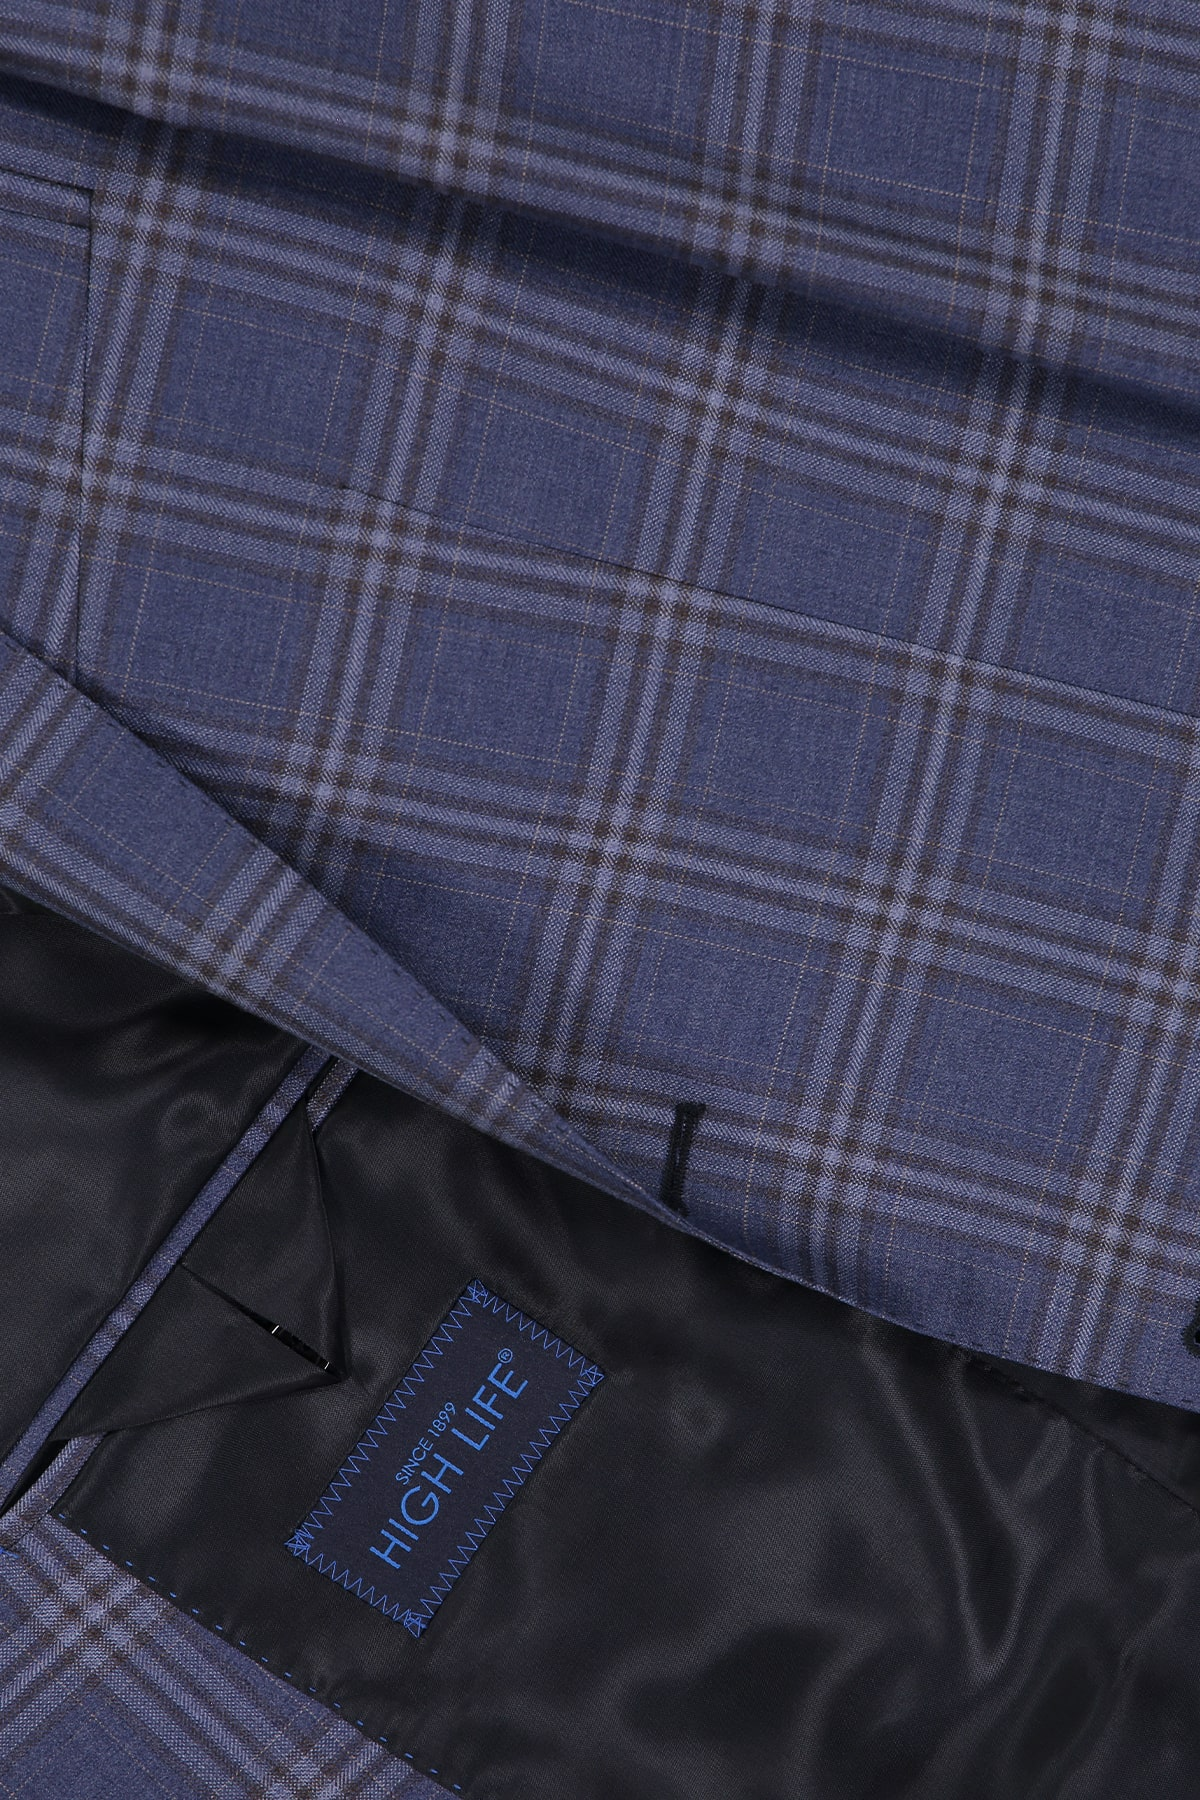 Saco Sport High Life, Azul Obscuro, Diseño Cuadro Ventana, Calidad Super 120´s 100% Lana.